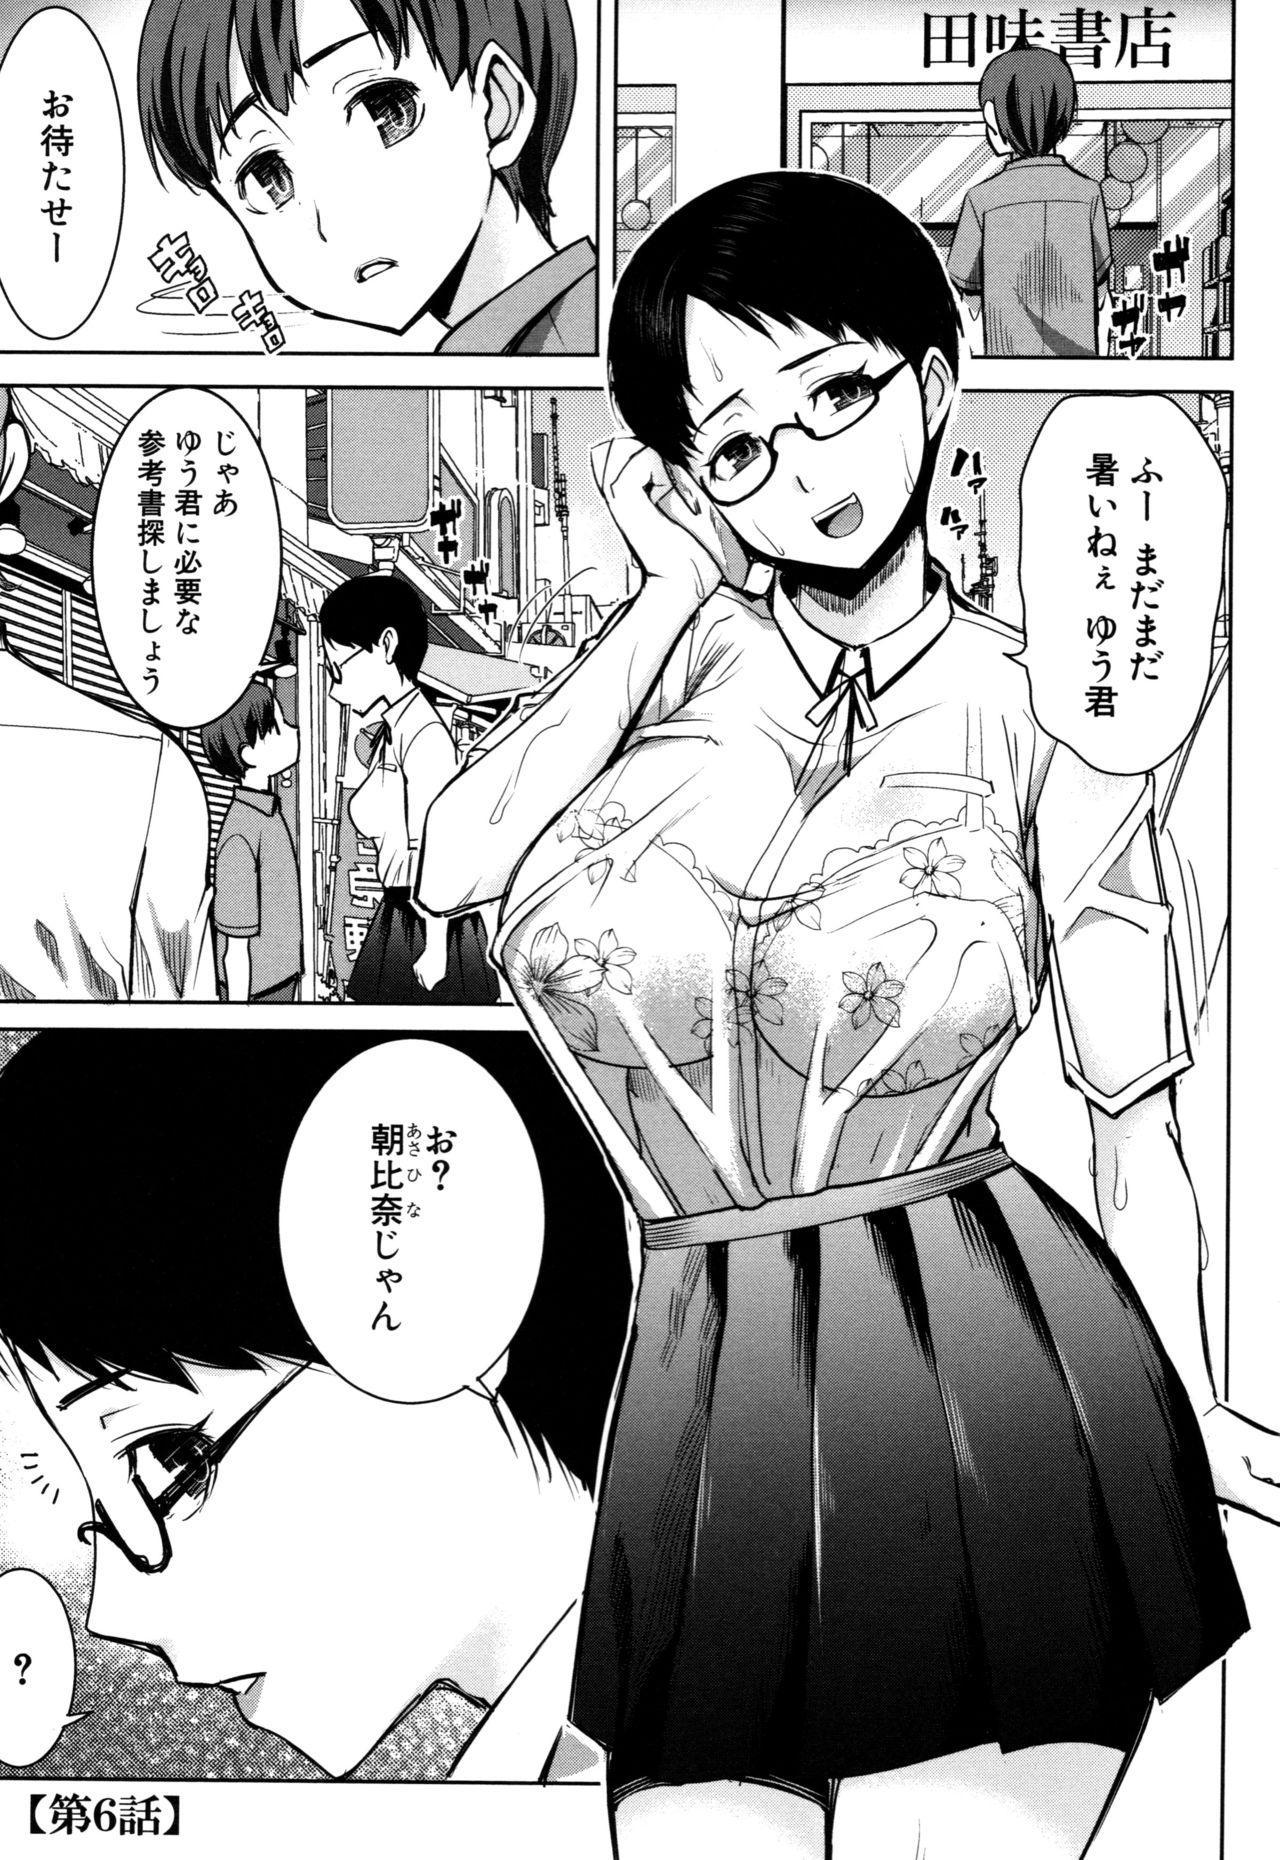 Unsweet - Asahina Ikka Netorareta Haha · Tomoko 124